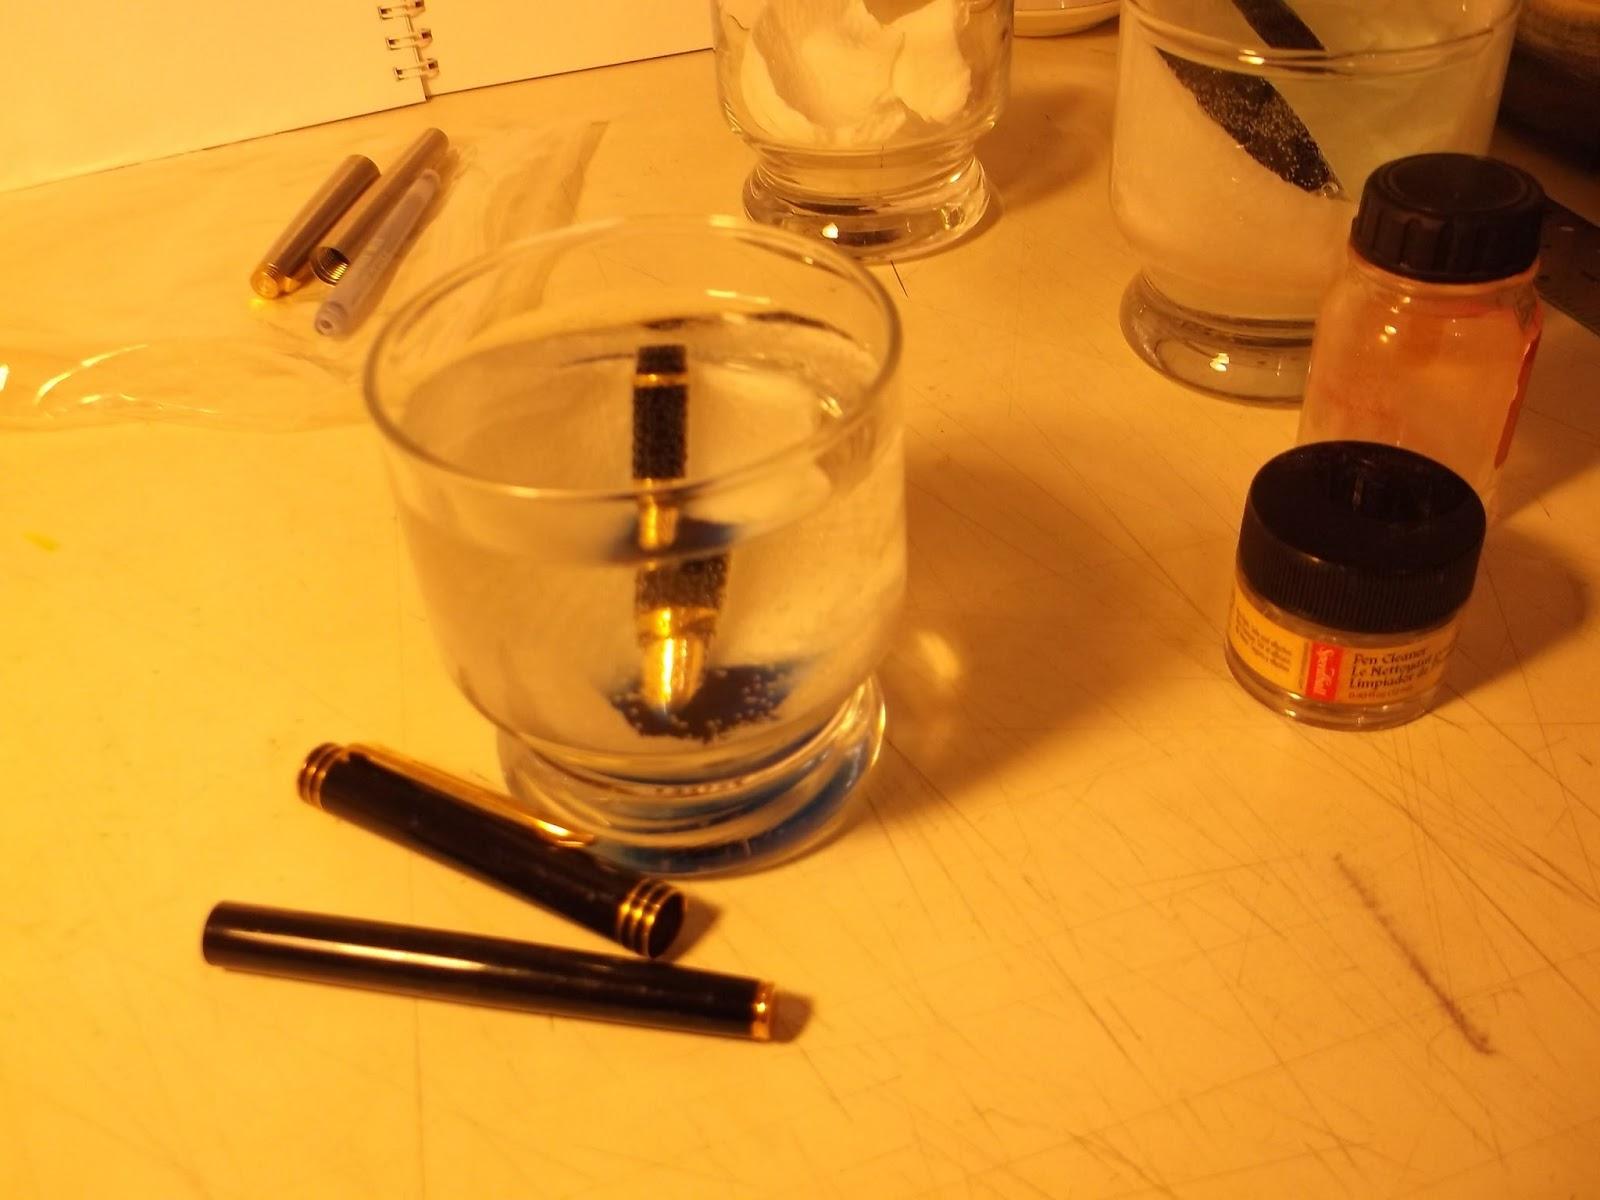 Pen%2Bcleaning.JPG